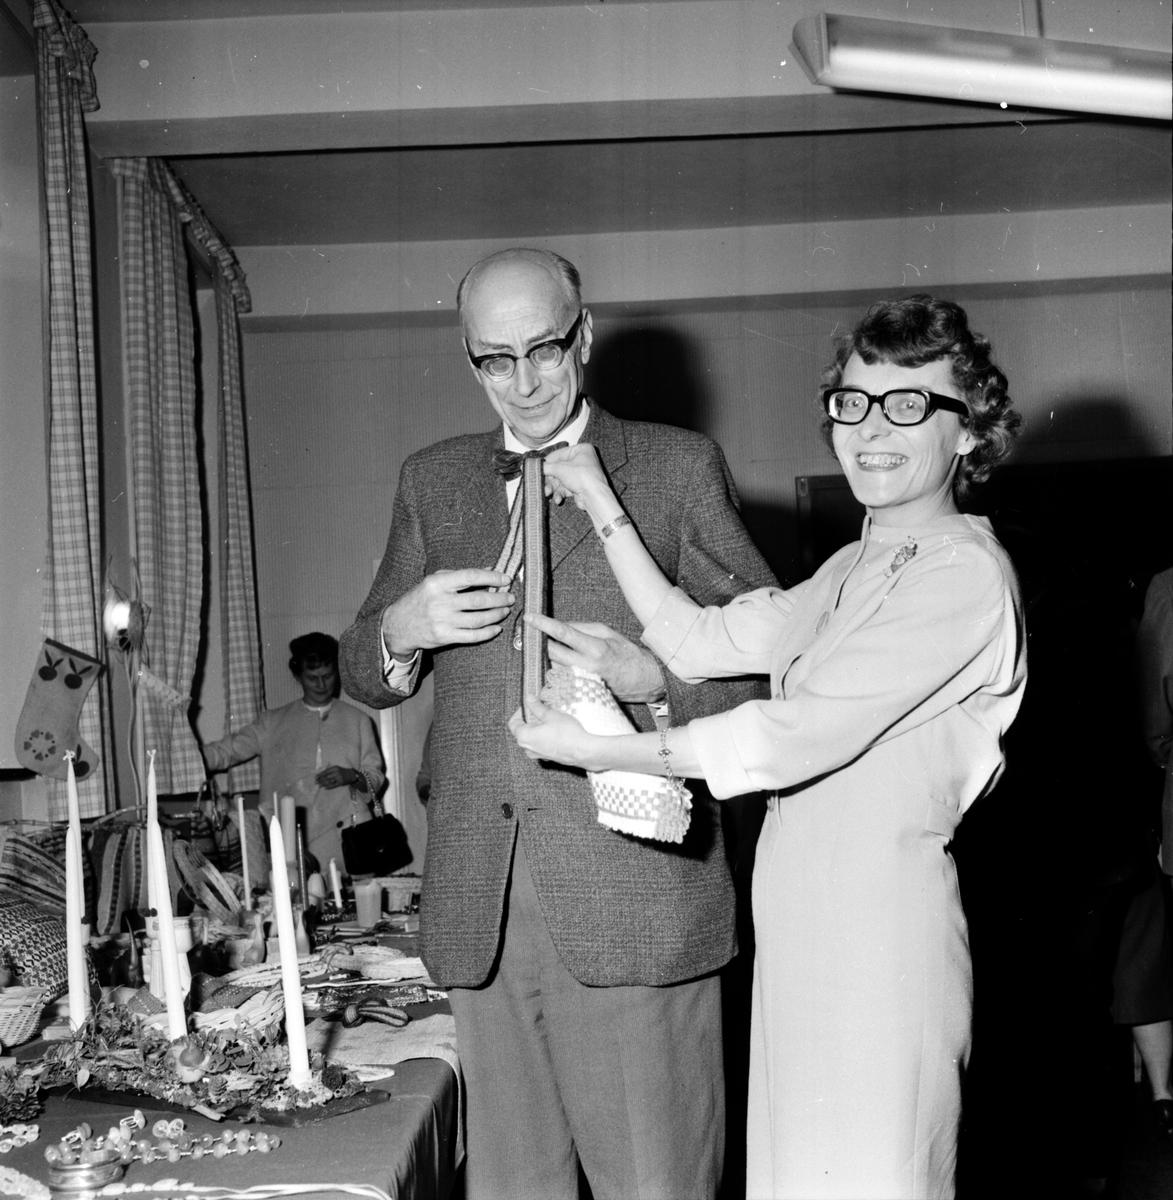 Nytorpsskolan, Kurs för sysselsättningshandledare, 1964